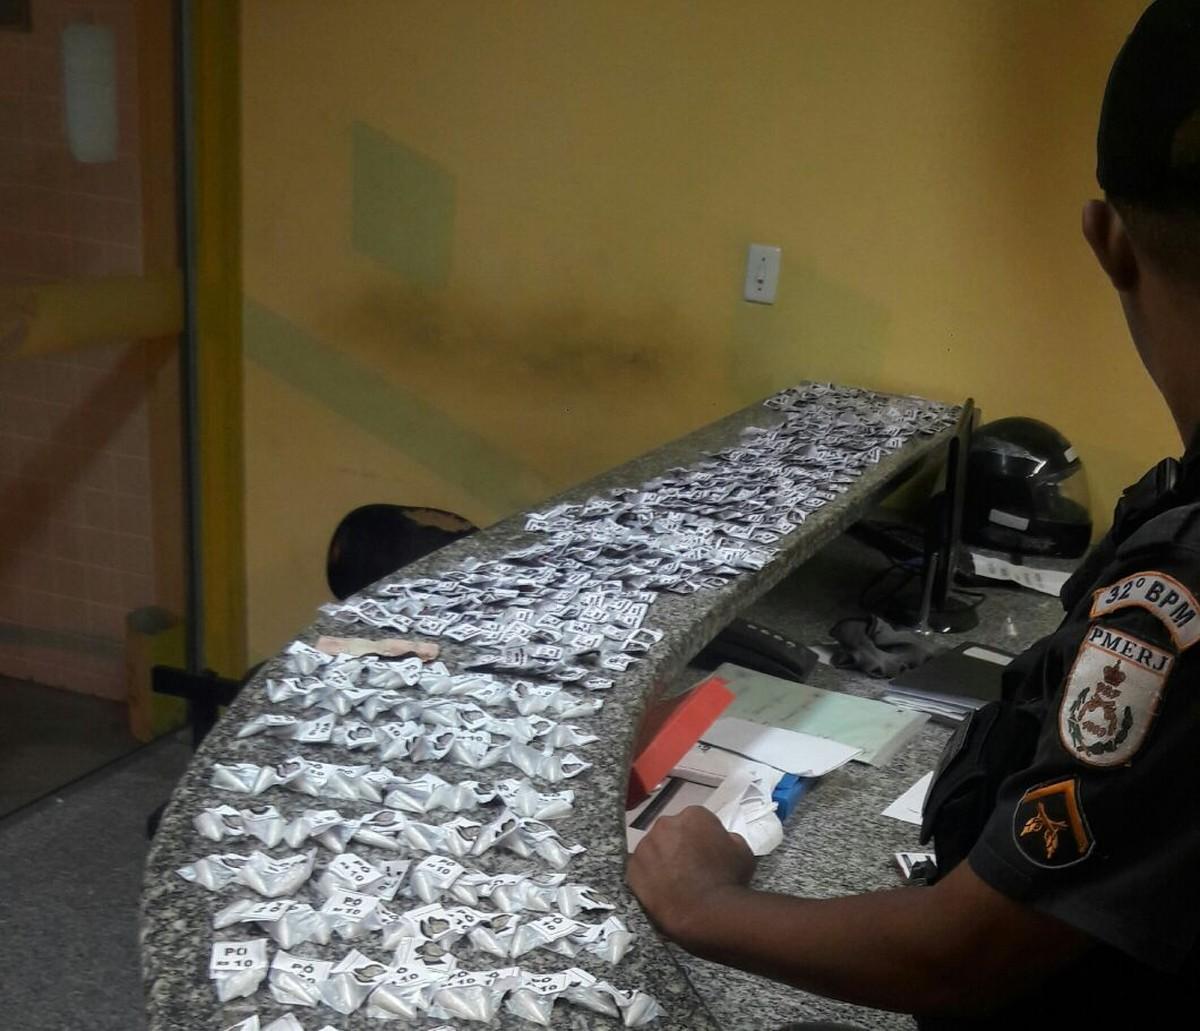 Jovem é flagrada com drogas em uma casa em Casimiro de Abreu, no RJ